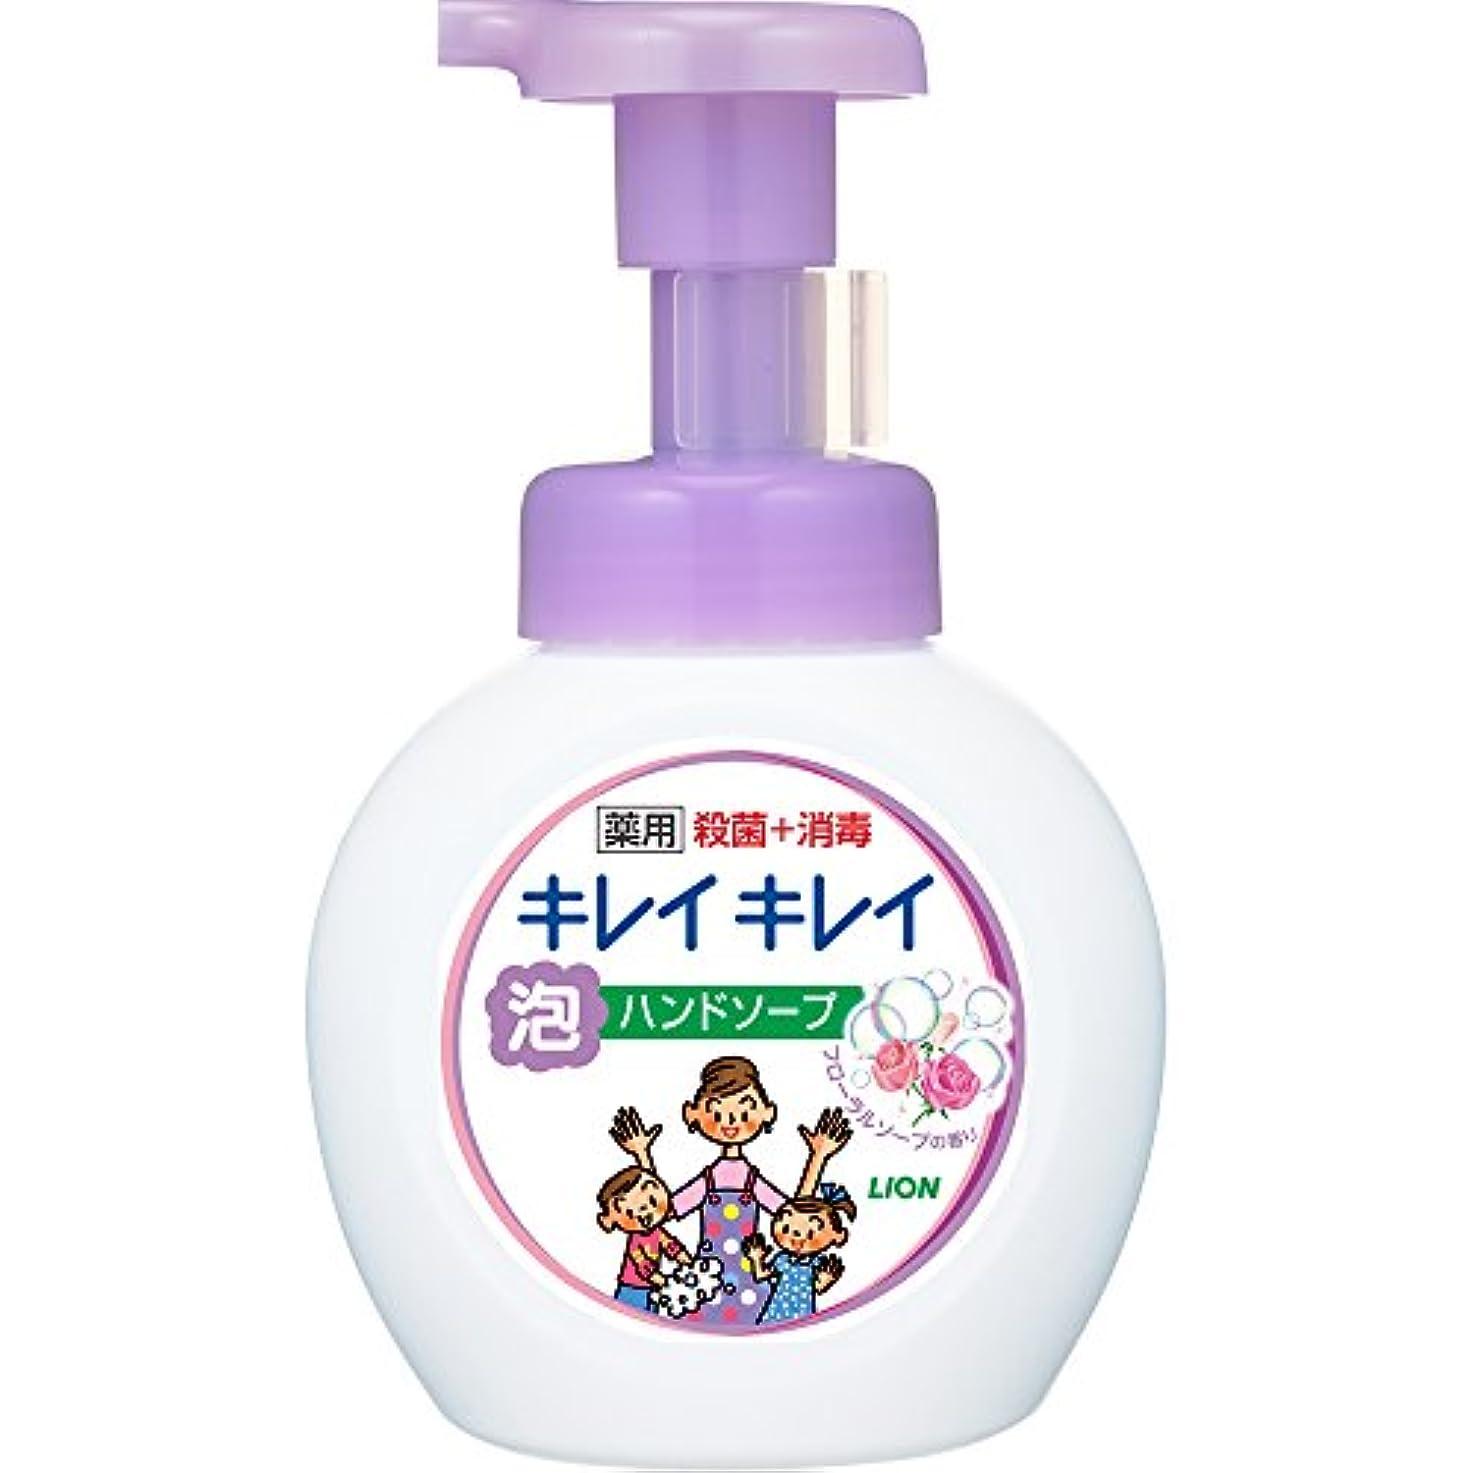 正規化他の日くキレイキレイ 薬用泡ハンドソープ フローラルソープの香り 本体ポンプ 250mL